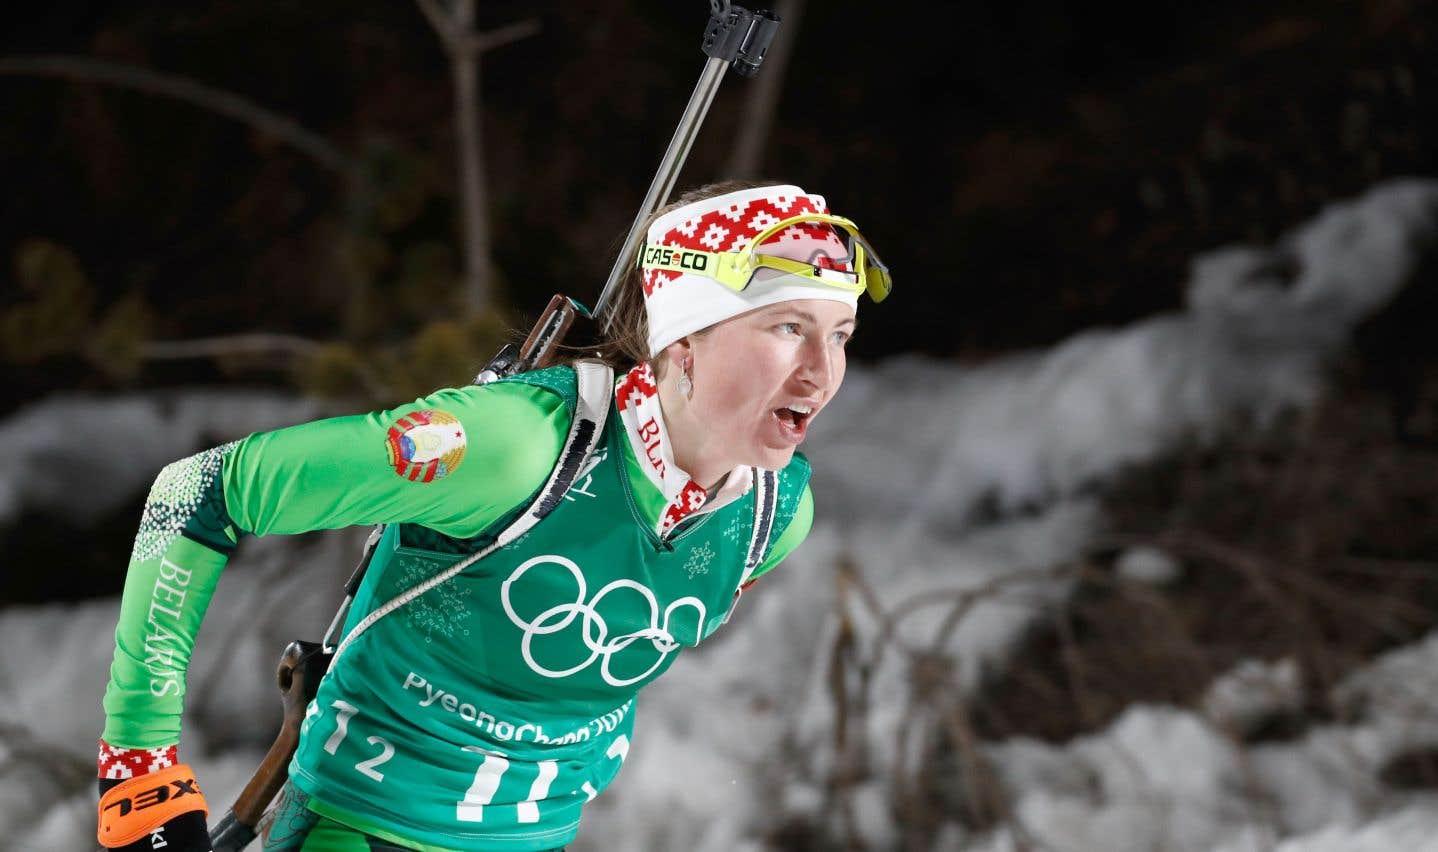 La Bélarusse Darya Domracheva est désormais la biathlète la plus titrée de l'histoire aux Jeux olympiques avec quatre médailles d'or.